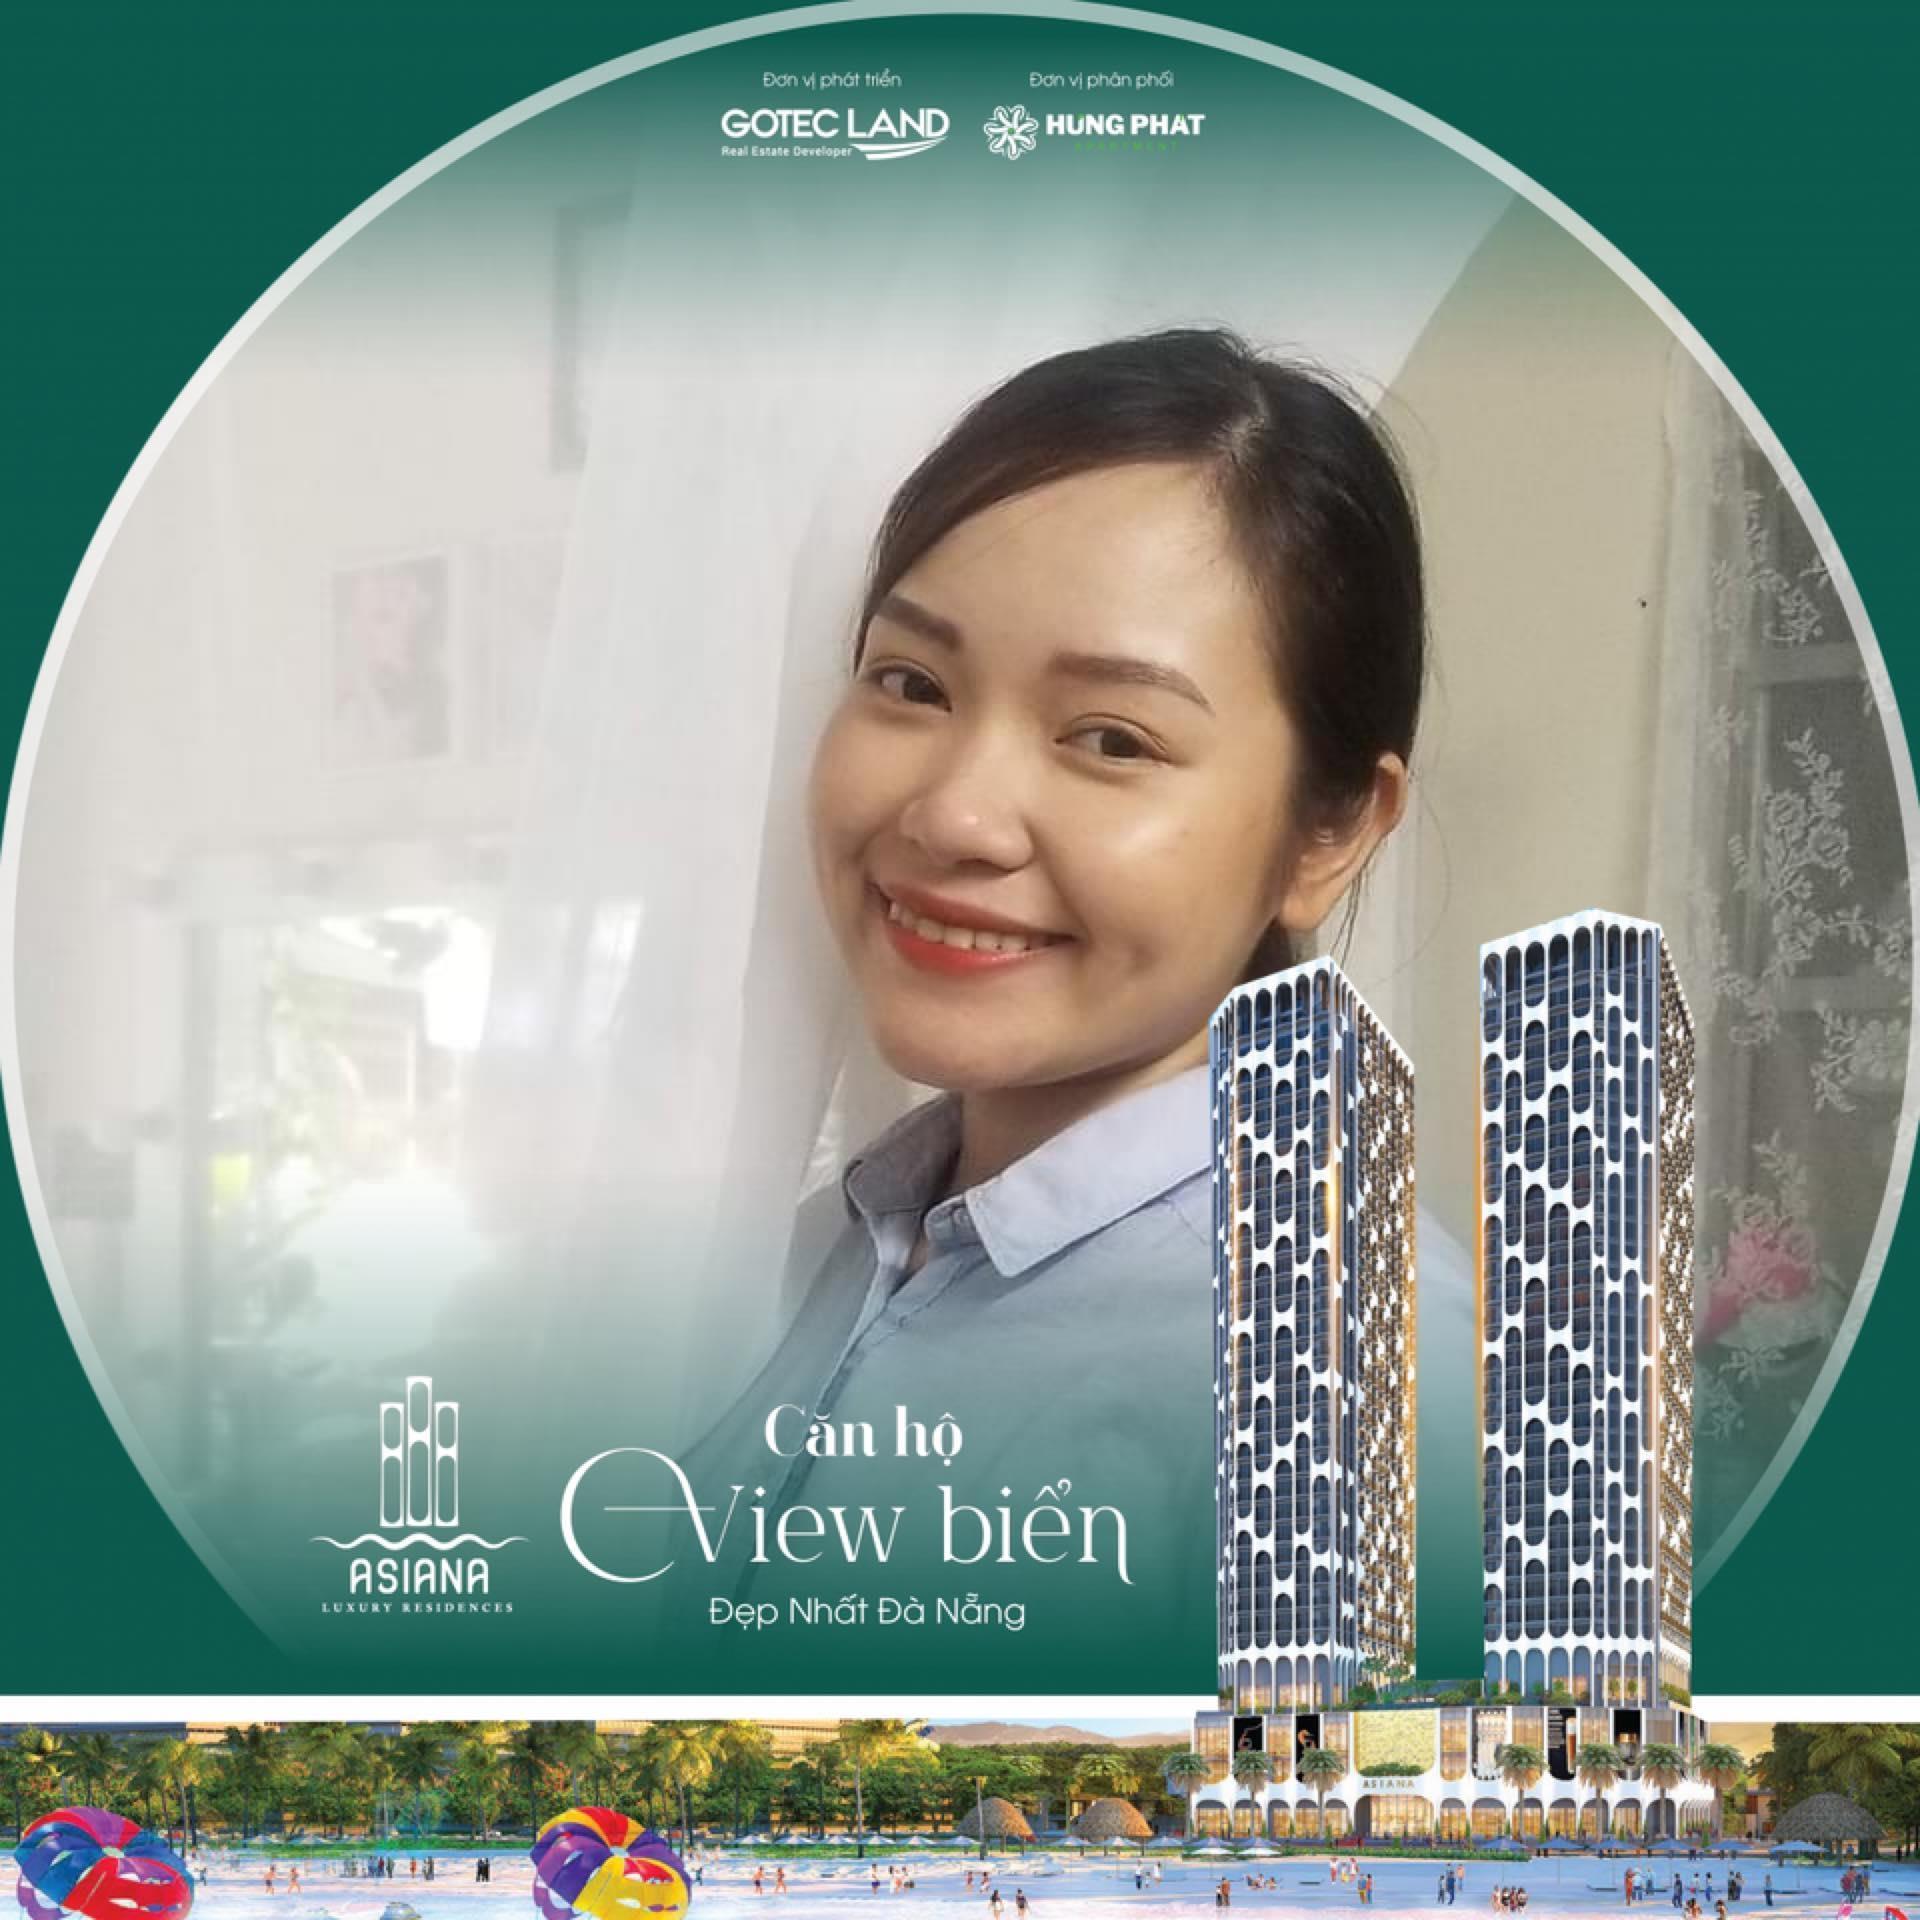 Nguyễn Thị Mỹ Nguyện